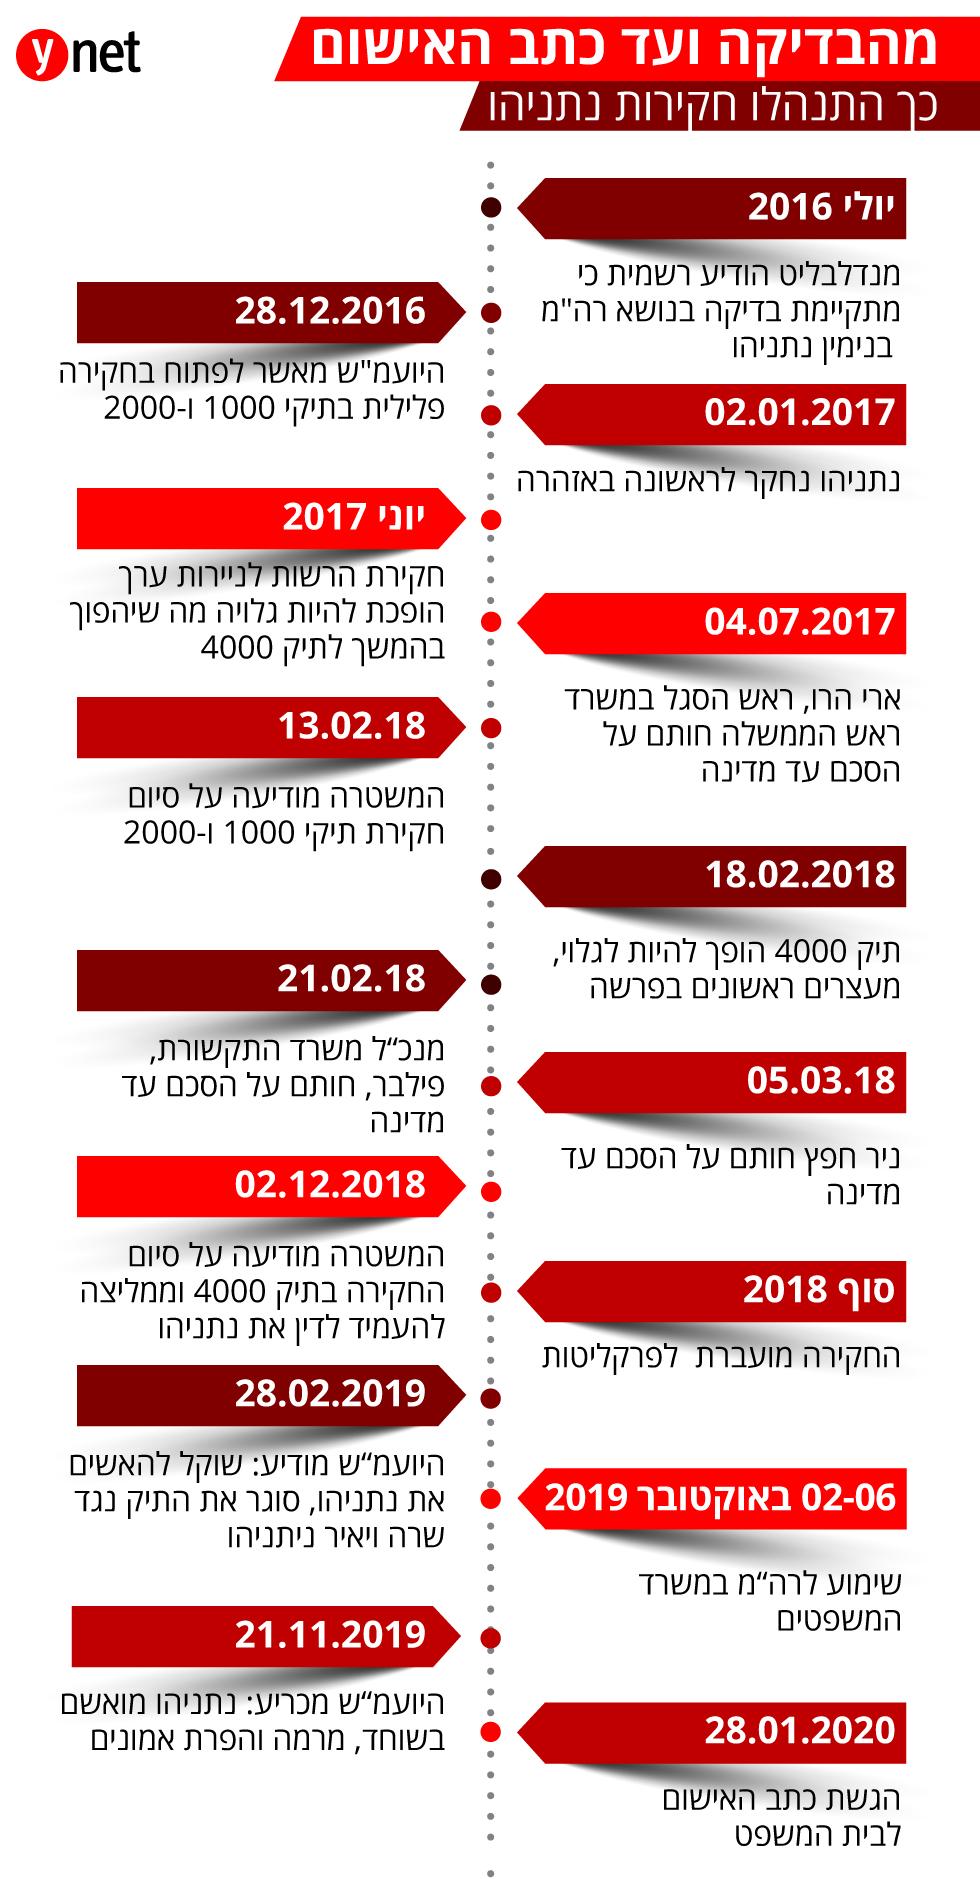 אינפו אביחי מנדלבליט היועץ המשפטי לממשלה כתבי אישום תיק 4000 2000 1000 בנימין נתניהו  ()